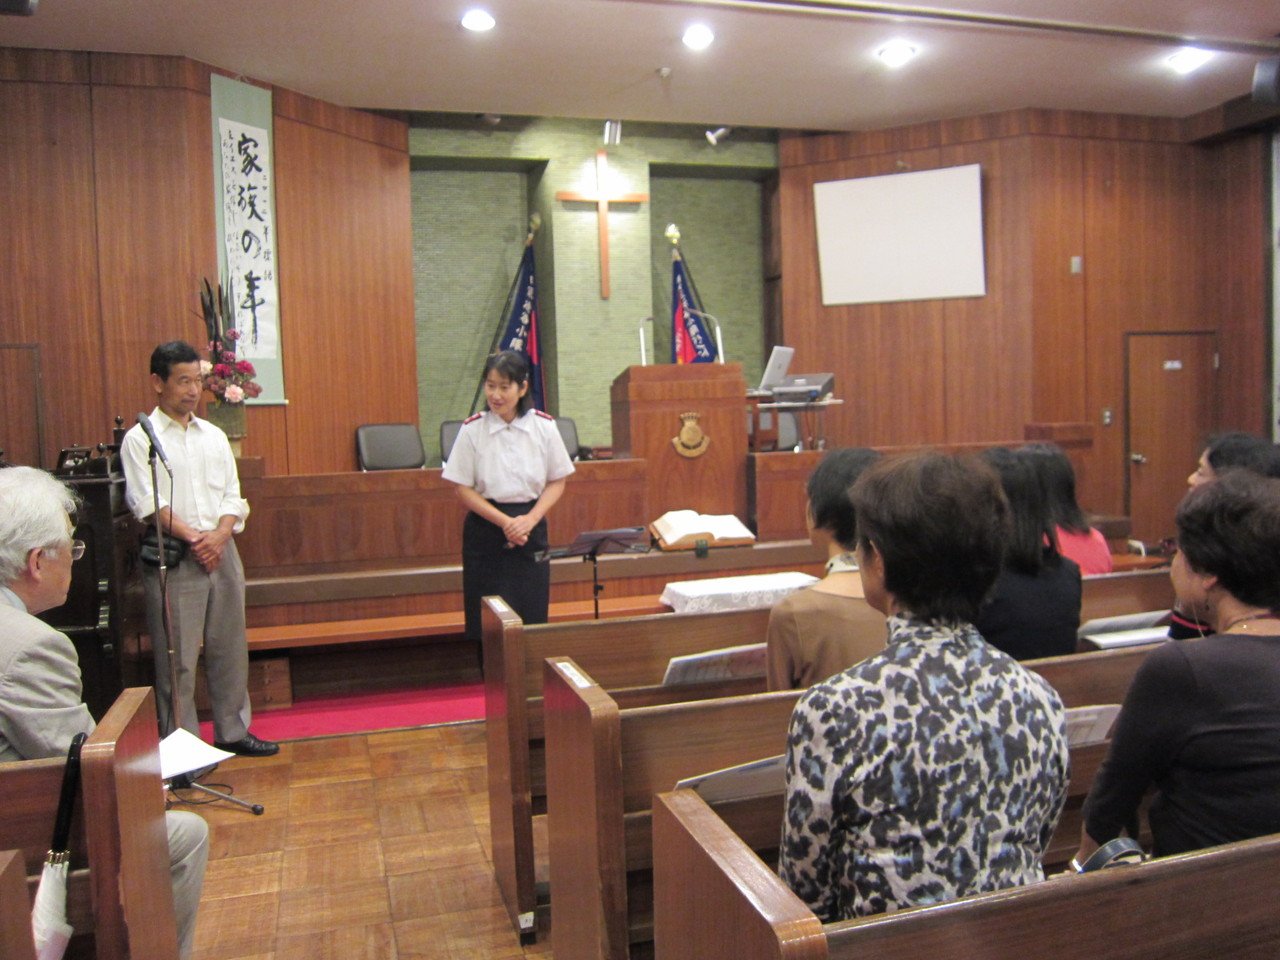 恵比寿救世軍渋谷小隊の寺澤さんのご挨拶。合唱団にもエールを頂戴しました。